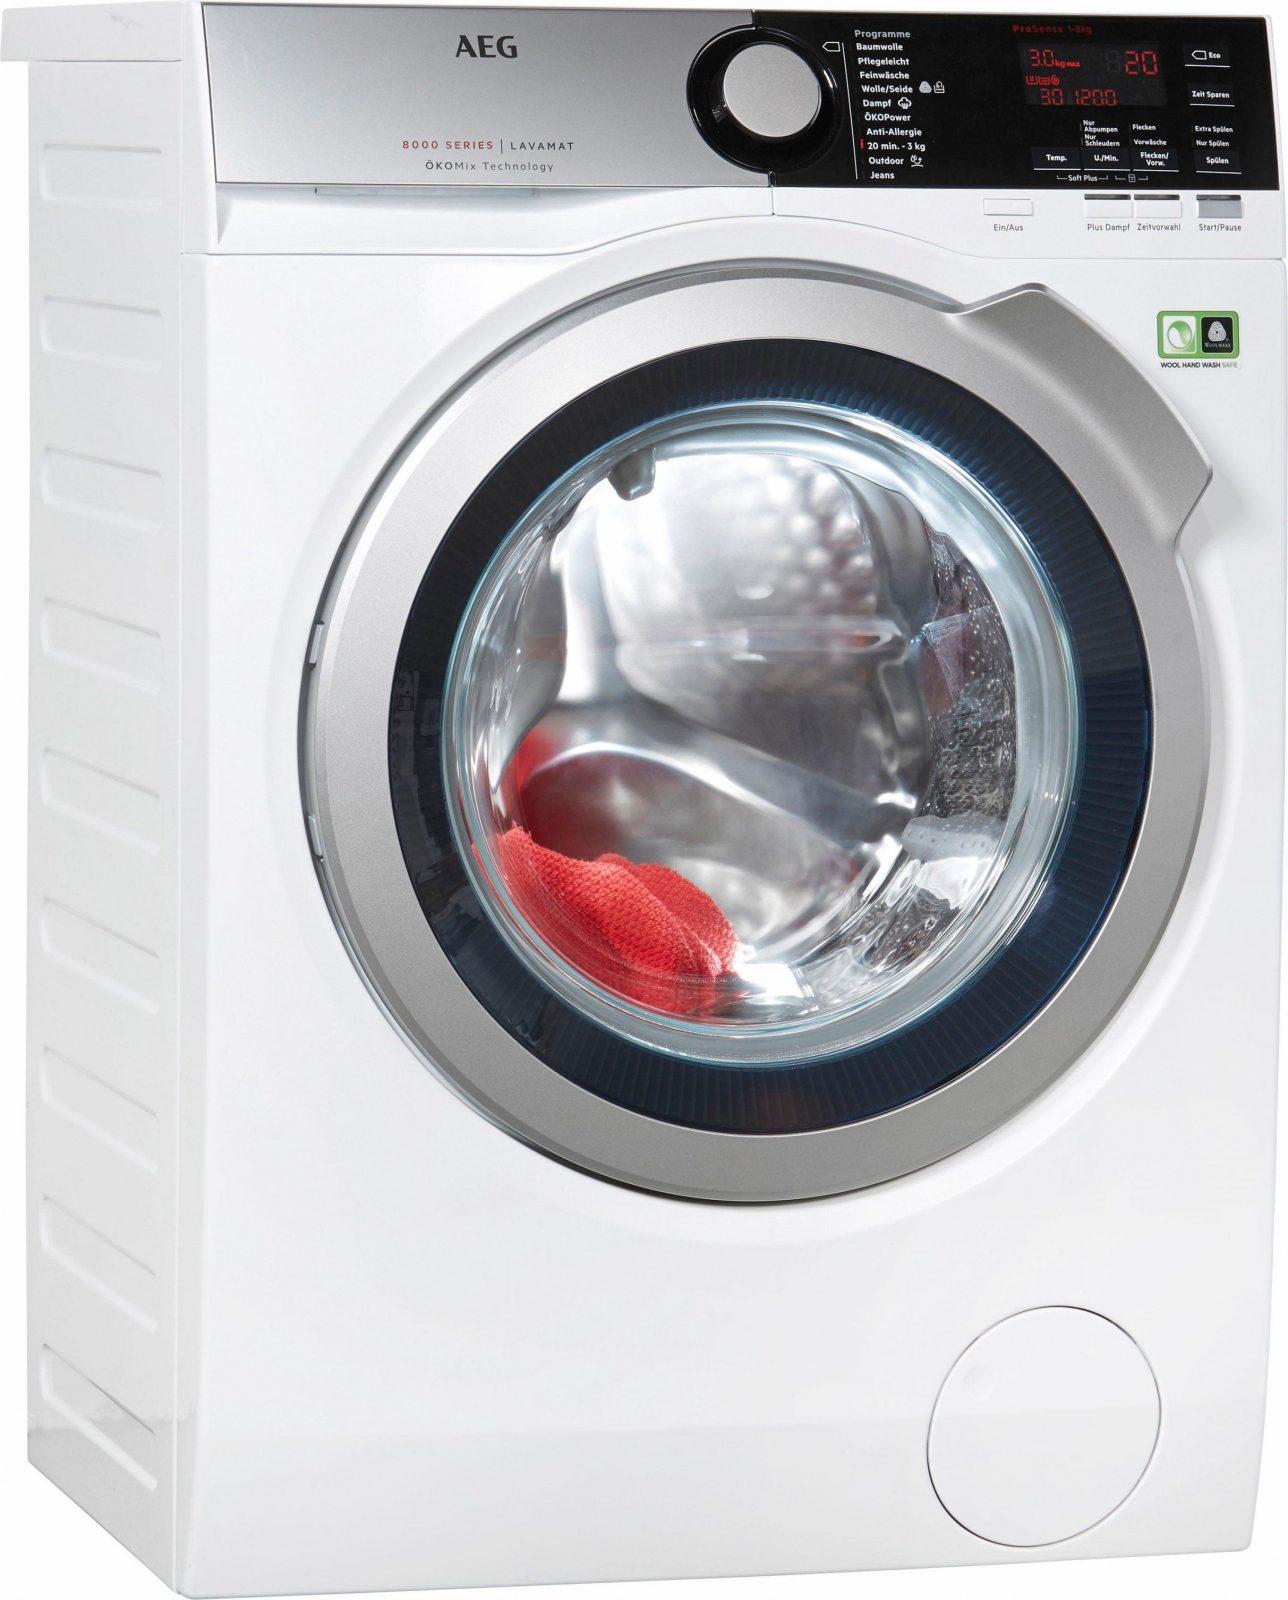 Aeg L8Fe48Okom Waschmaschine Im Test 2018 von Beko Wmb 71443 Pte Stiftung Warentest Bild